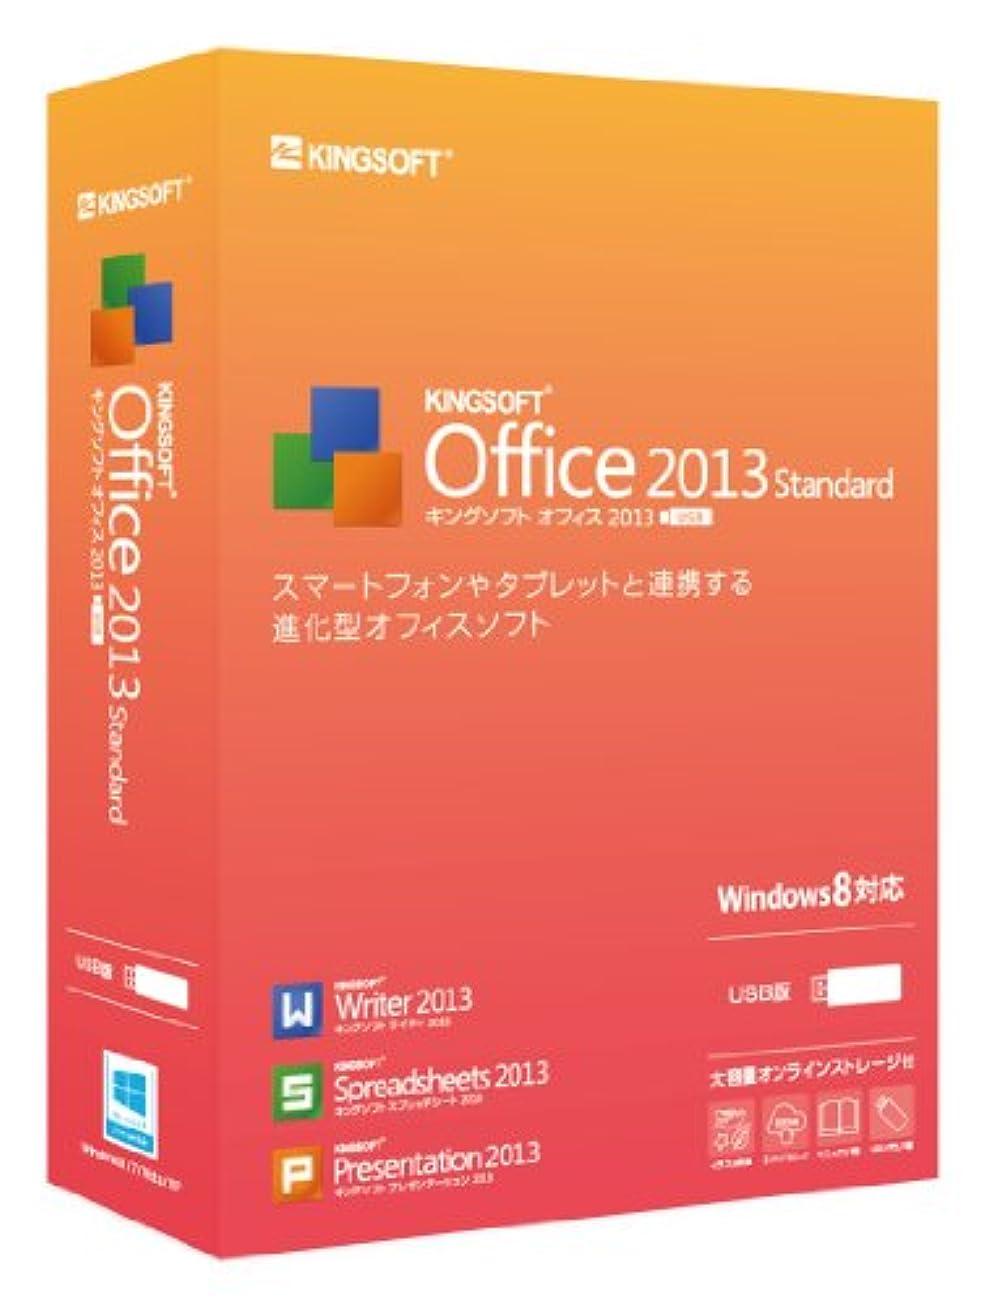 国内の死にかけている菊KINGSOFT Office 2013 Standard パッケージ USB起動版